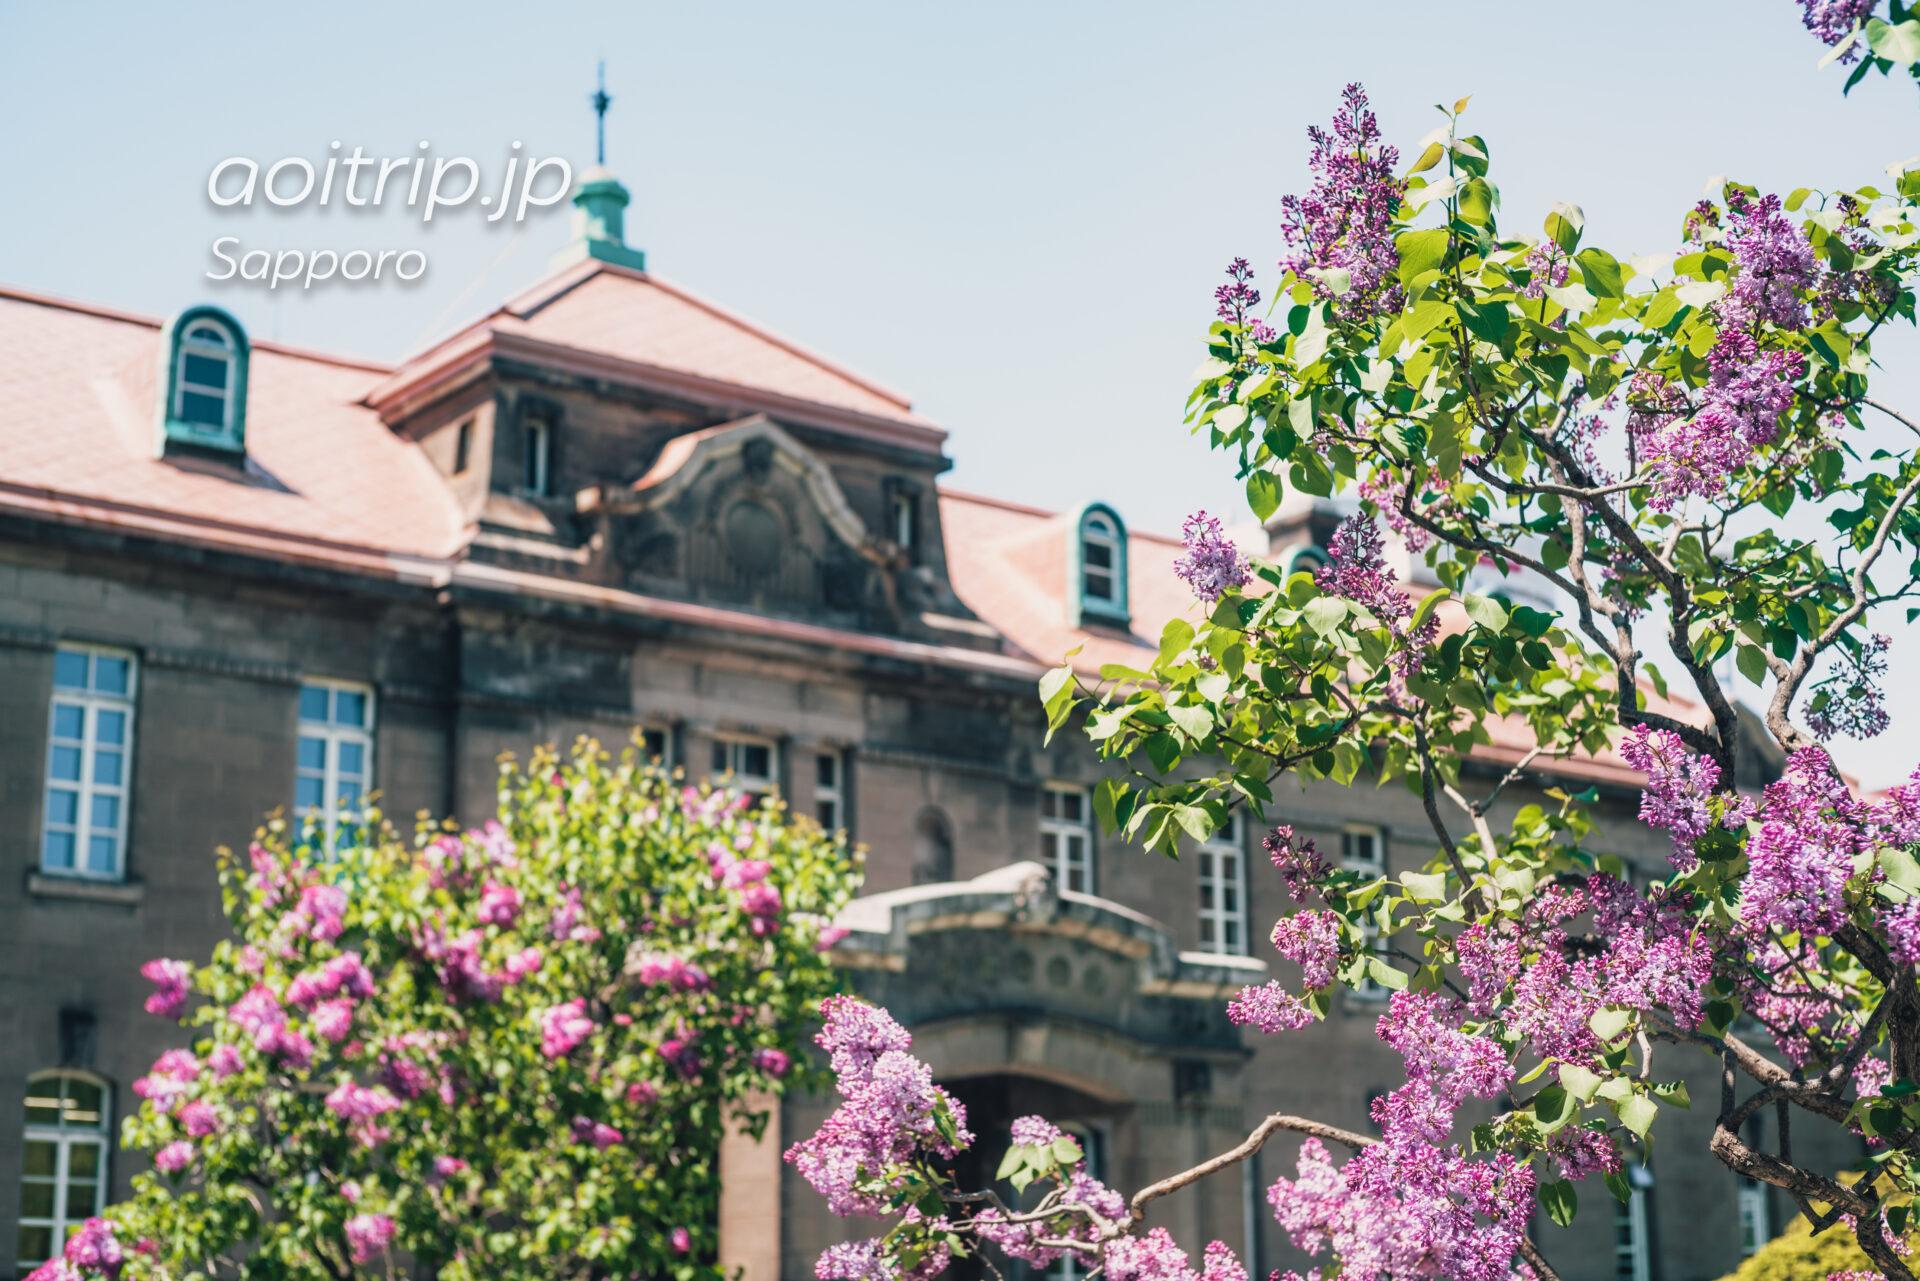 札幌市資料館(旧札幌控訴院)前のライラック